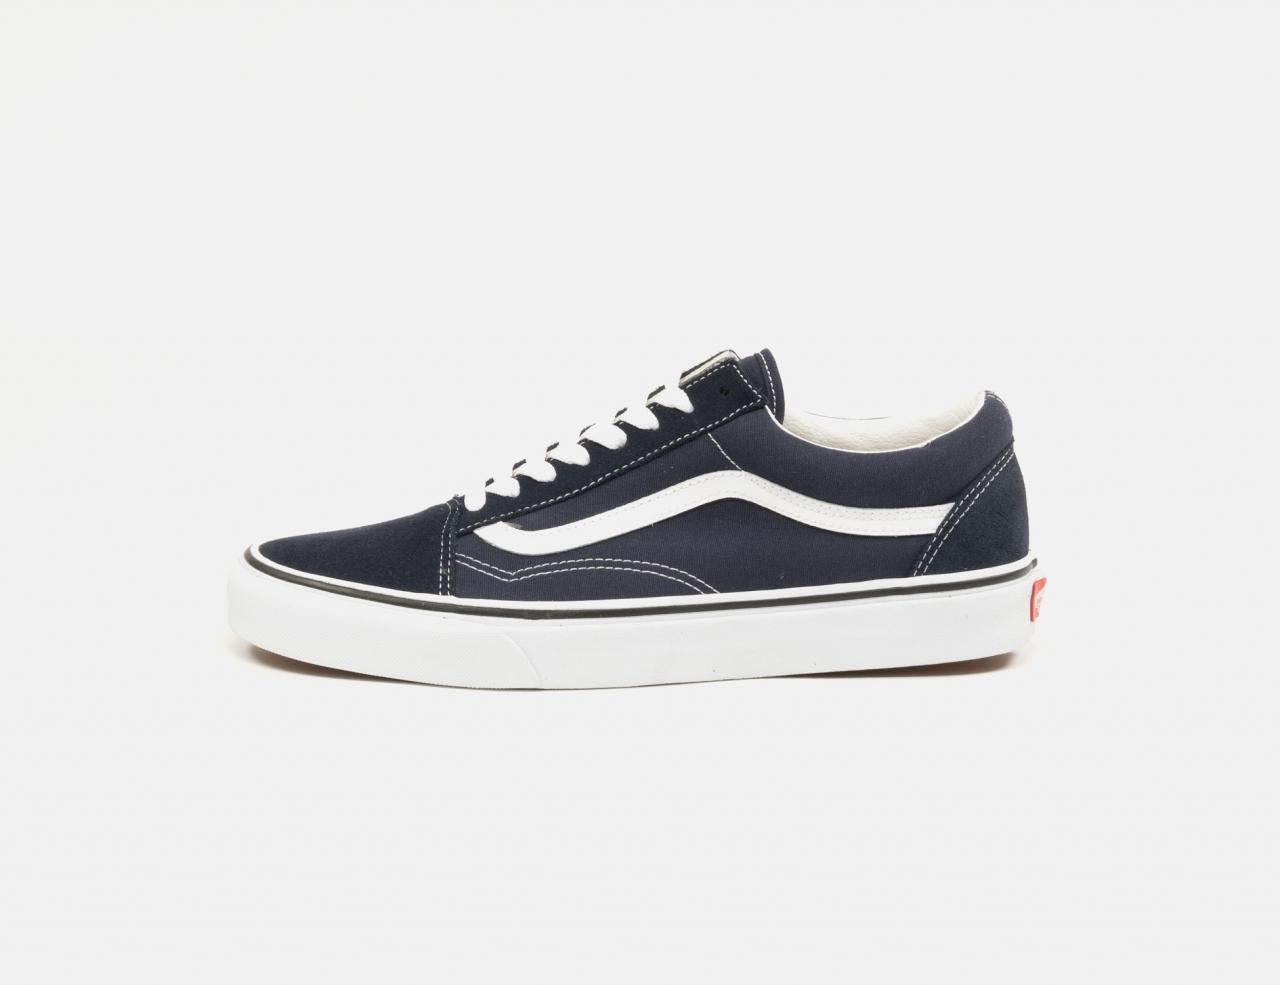 VANS Vans Old Skool Sneaker - Night Sky/True White